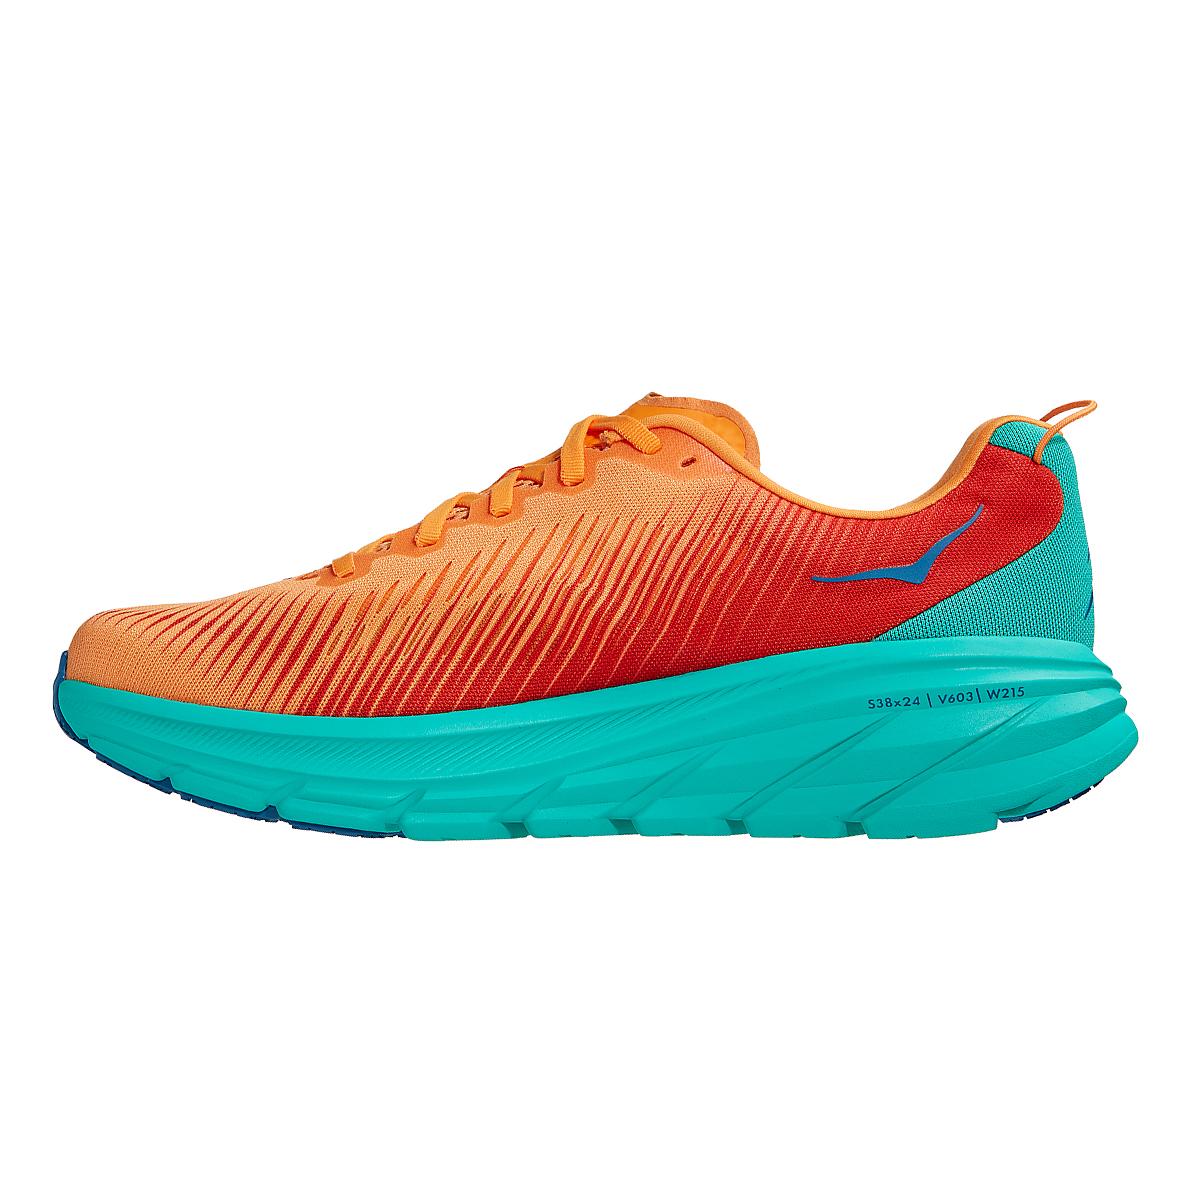 Men's Hoka One One Rincon 3 Running Shoe - Color: Blazing Orange - Size: 7 - Width: Regular, Blazing Orange, large, image 2